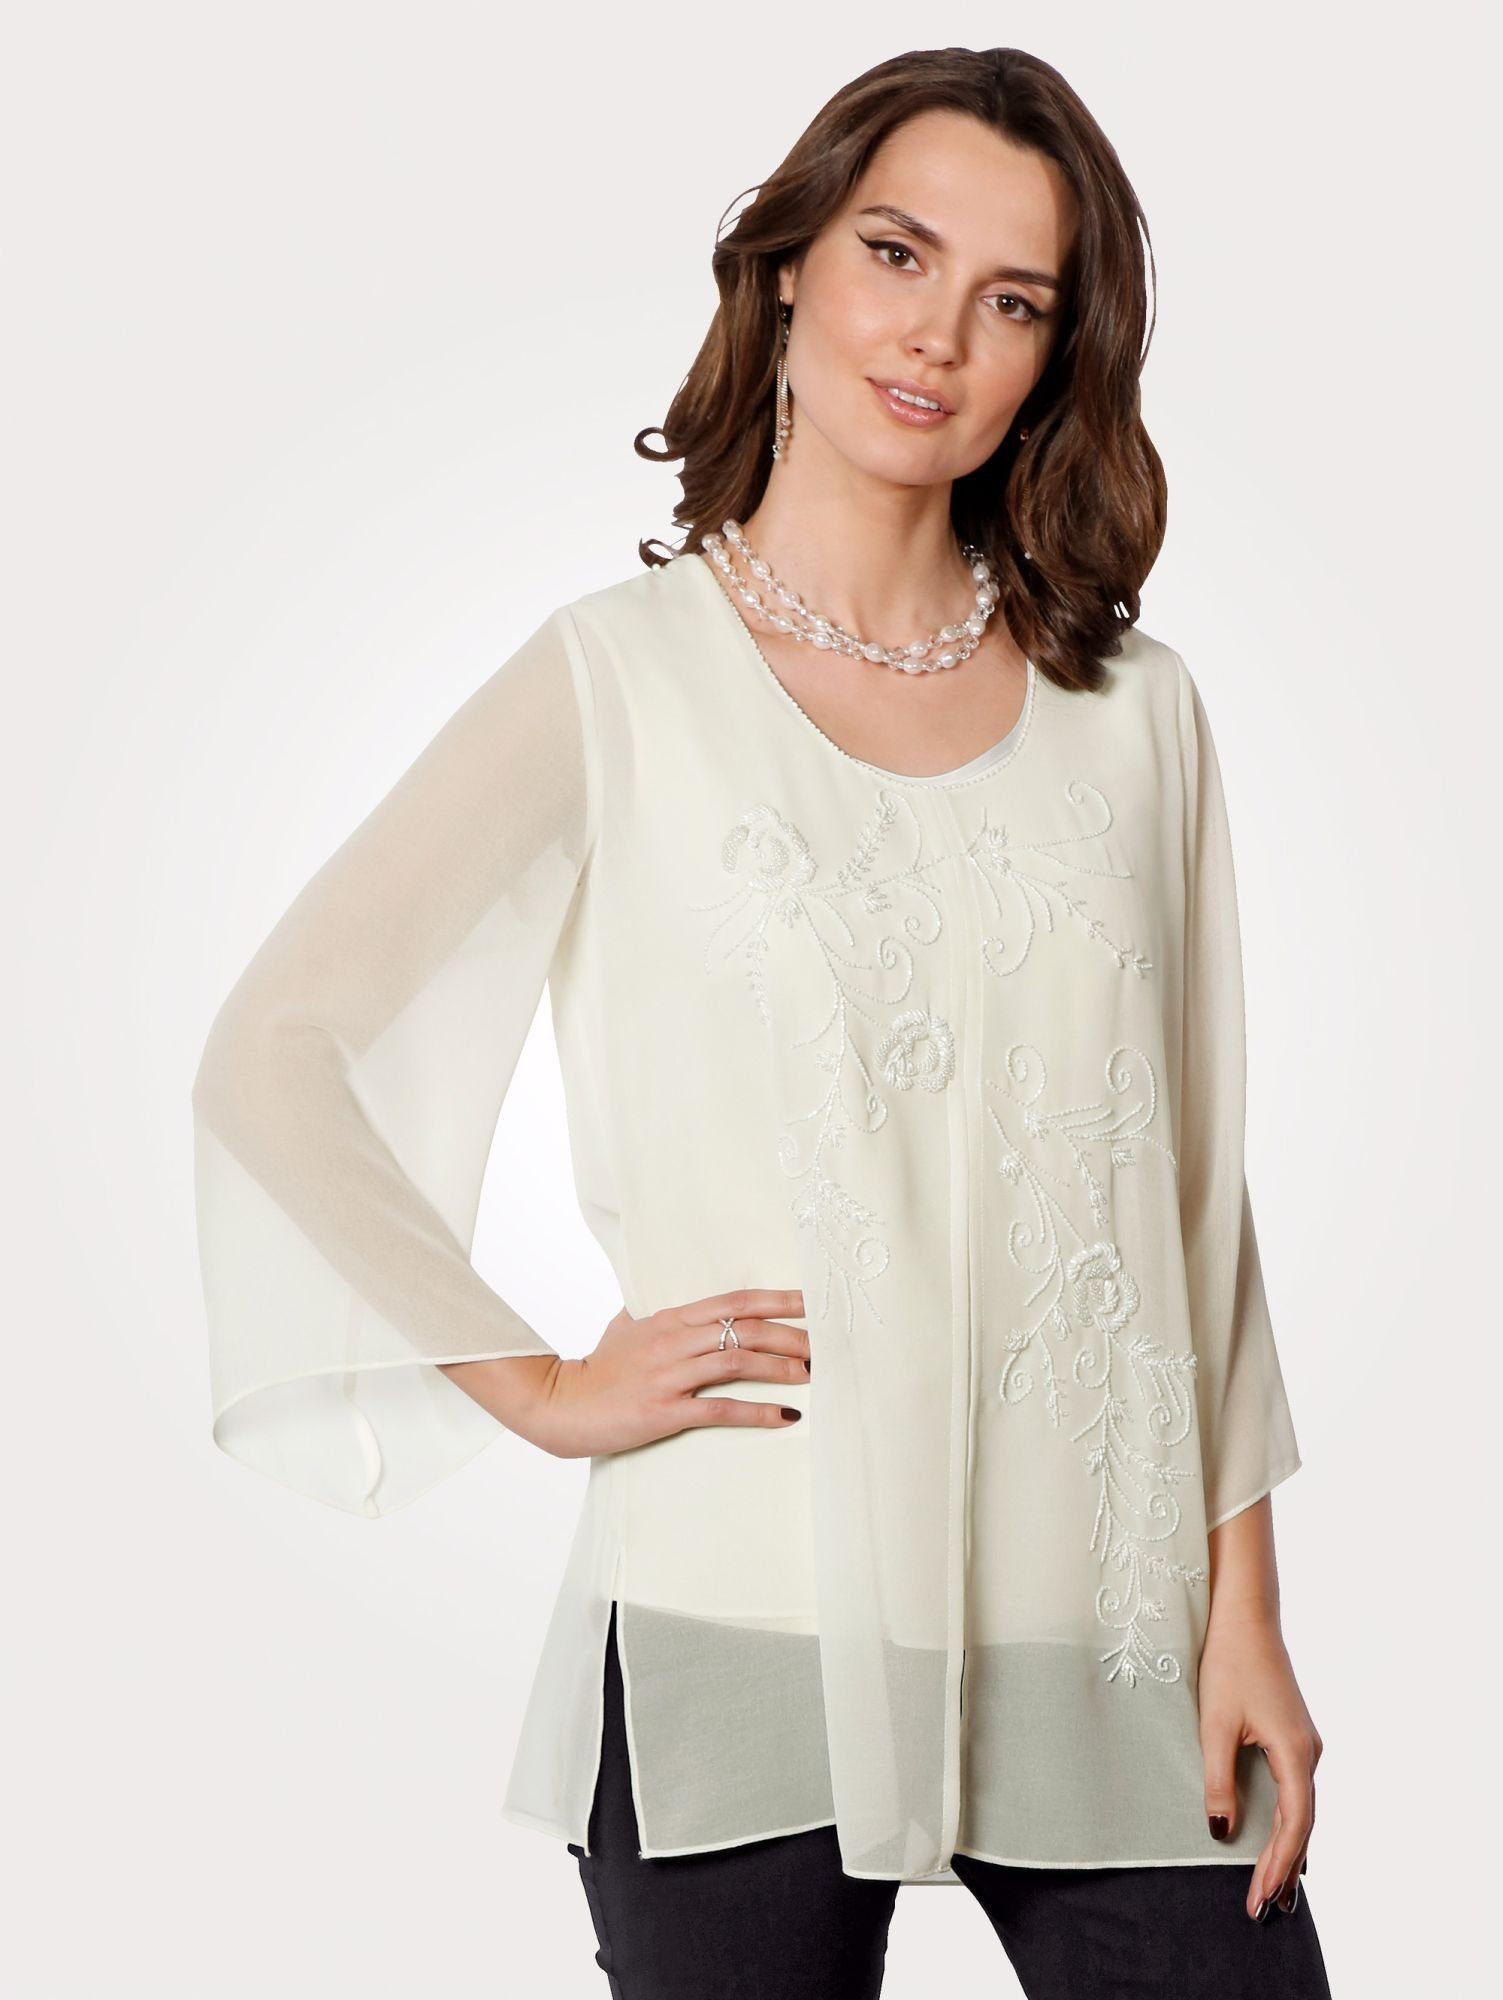 Mona Tunika mit hochwertigen Stäbchenperlen   Bekleidung > Tuniken > Sonstige Tuniken   Georgette - Polyester   Mona